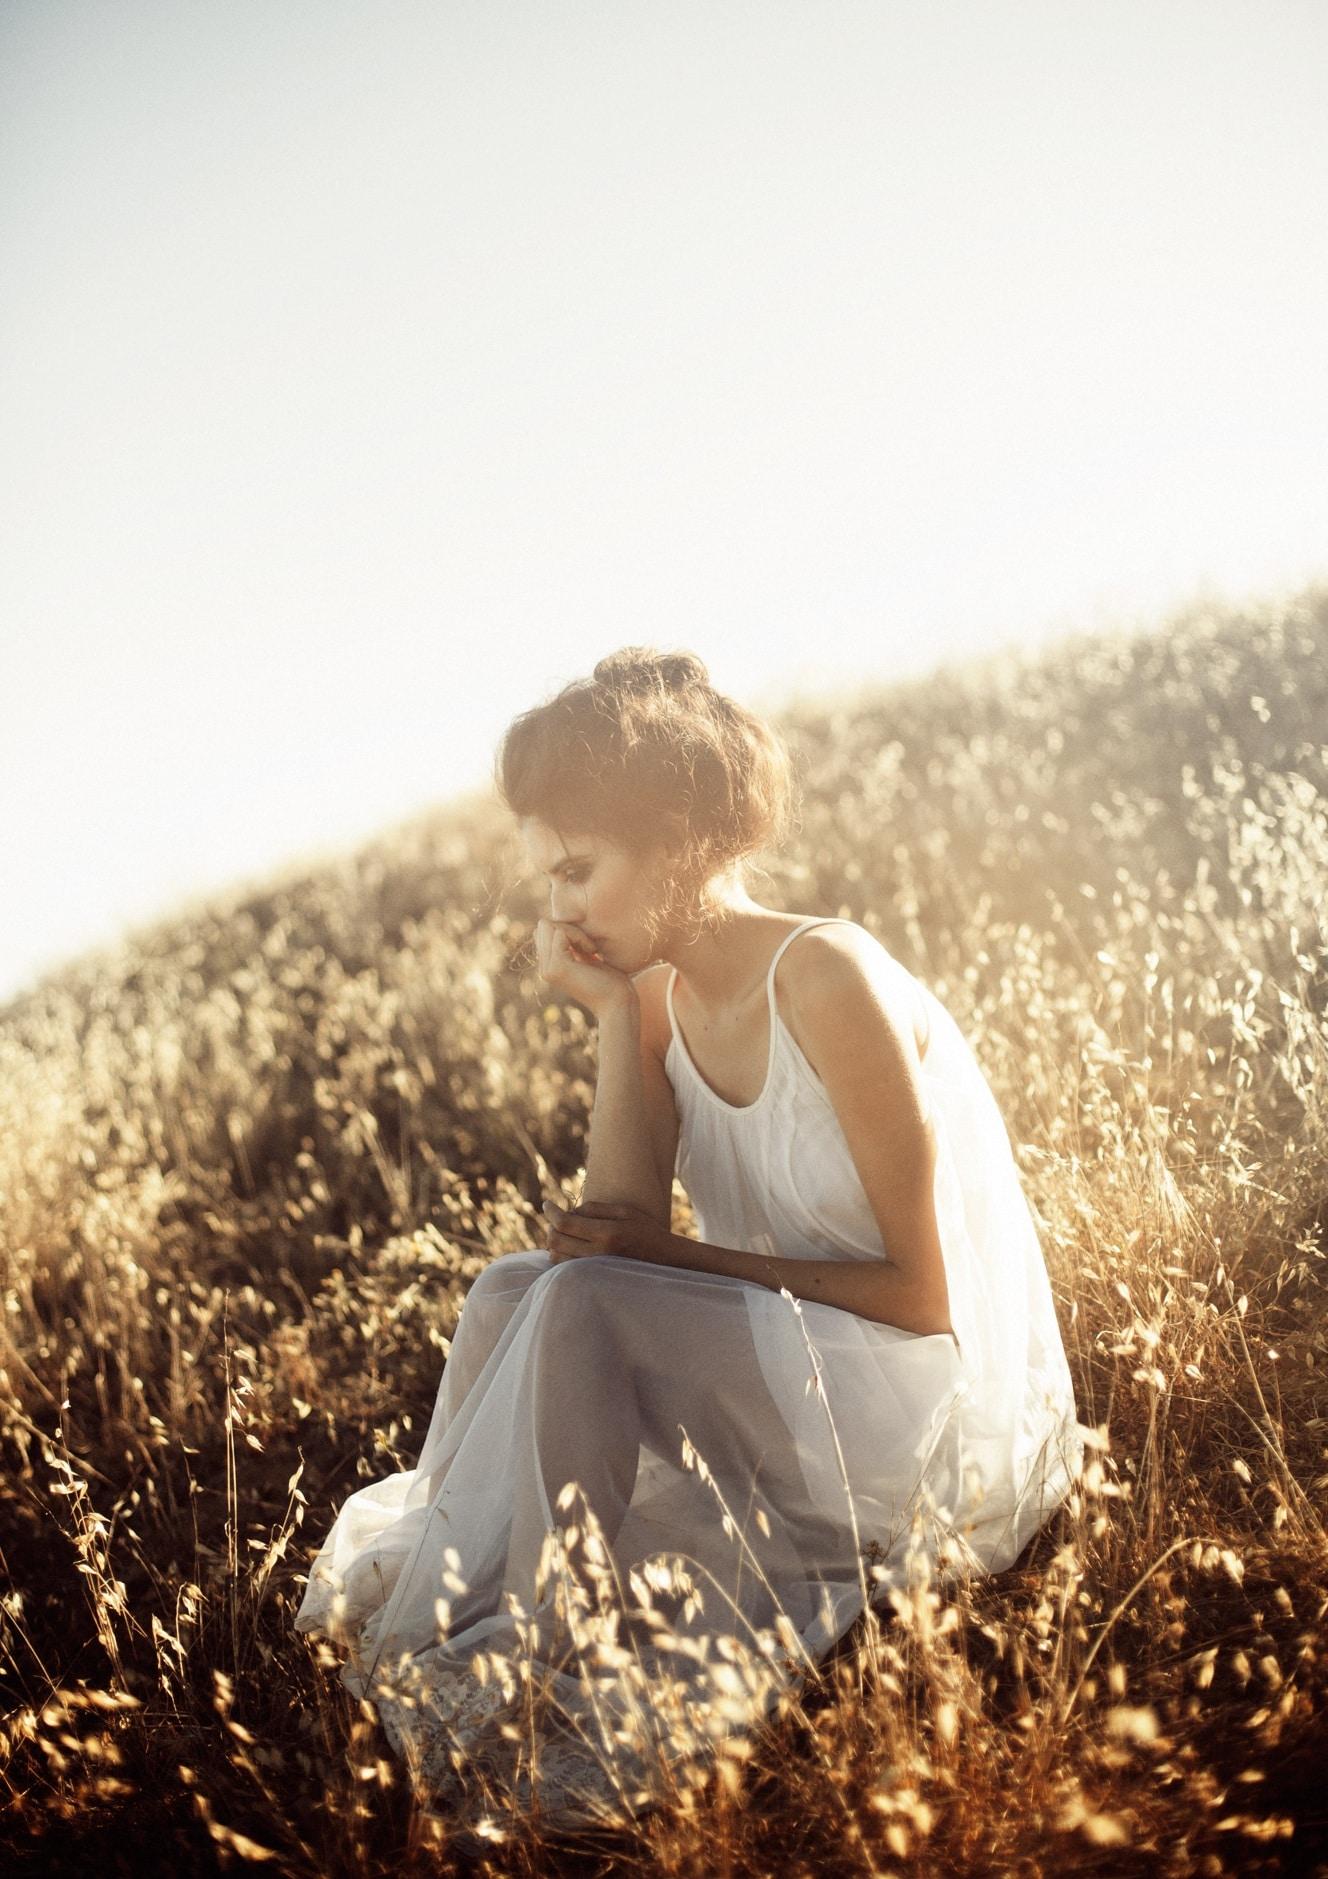 5 lelki sérülés, amelyek miatt nem lehetsz önmagad. Győzd le őket még idén!